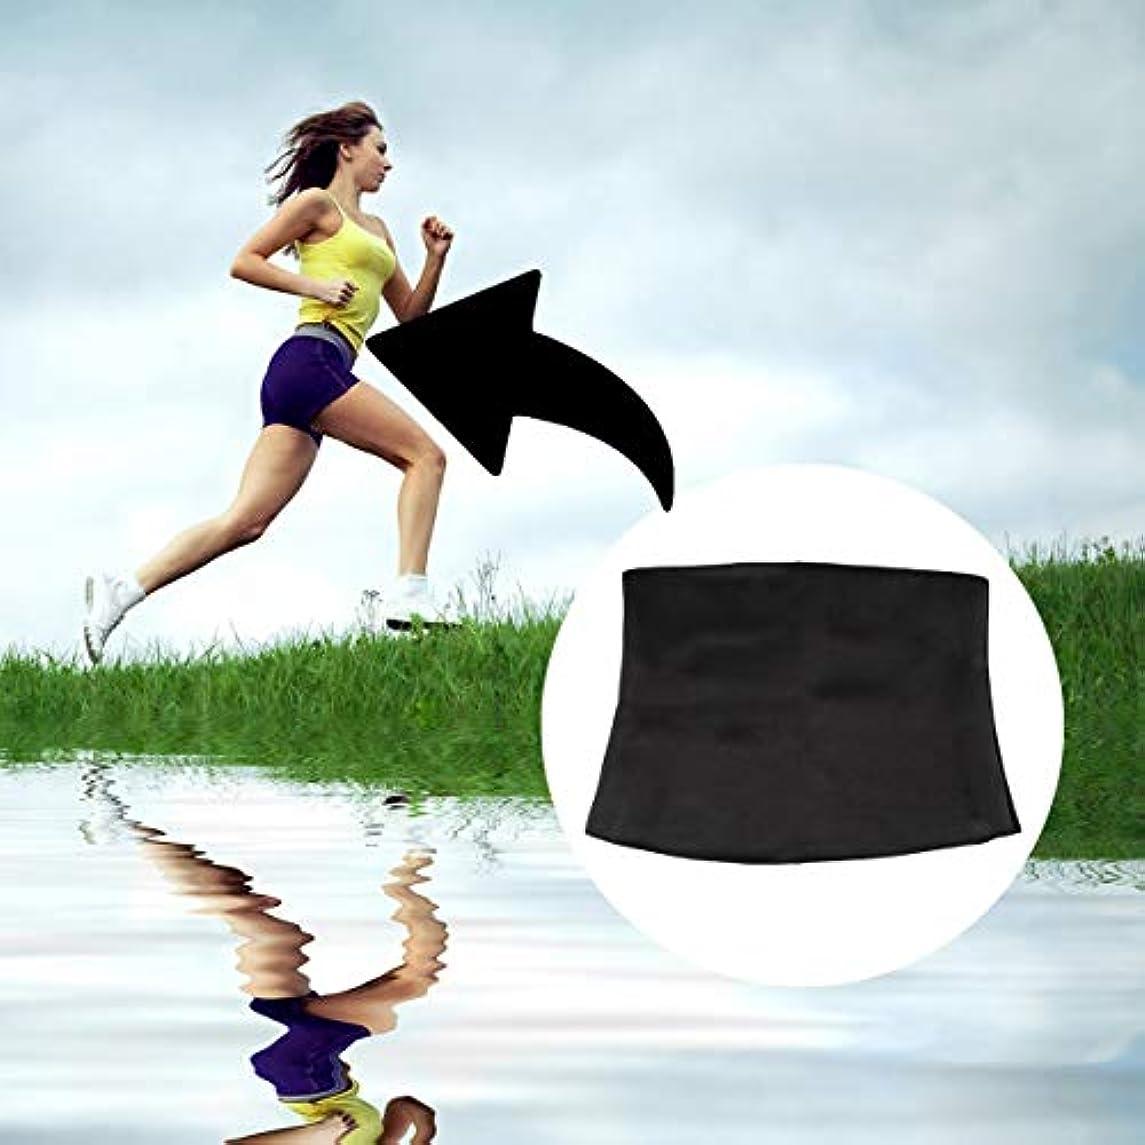 サスペンション長さ気になるWomen Adult Solid Neoprene Healthy Slimming Weight Loss Waist Belts Body Shaper Slimming Trainer Trimmer Corsets